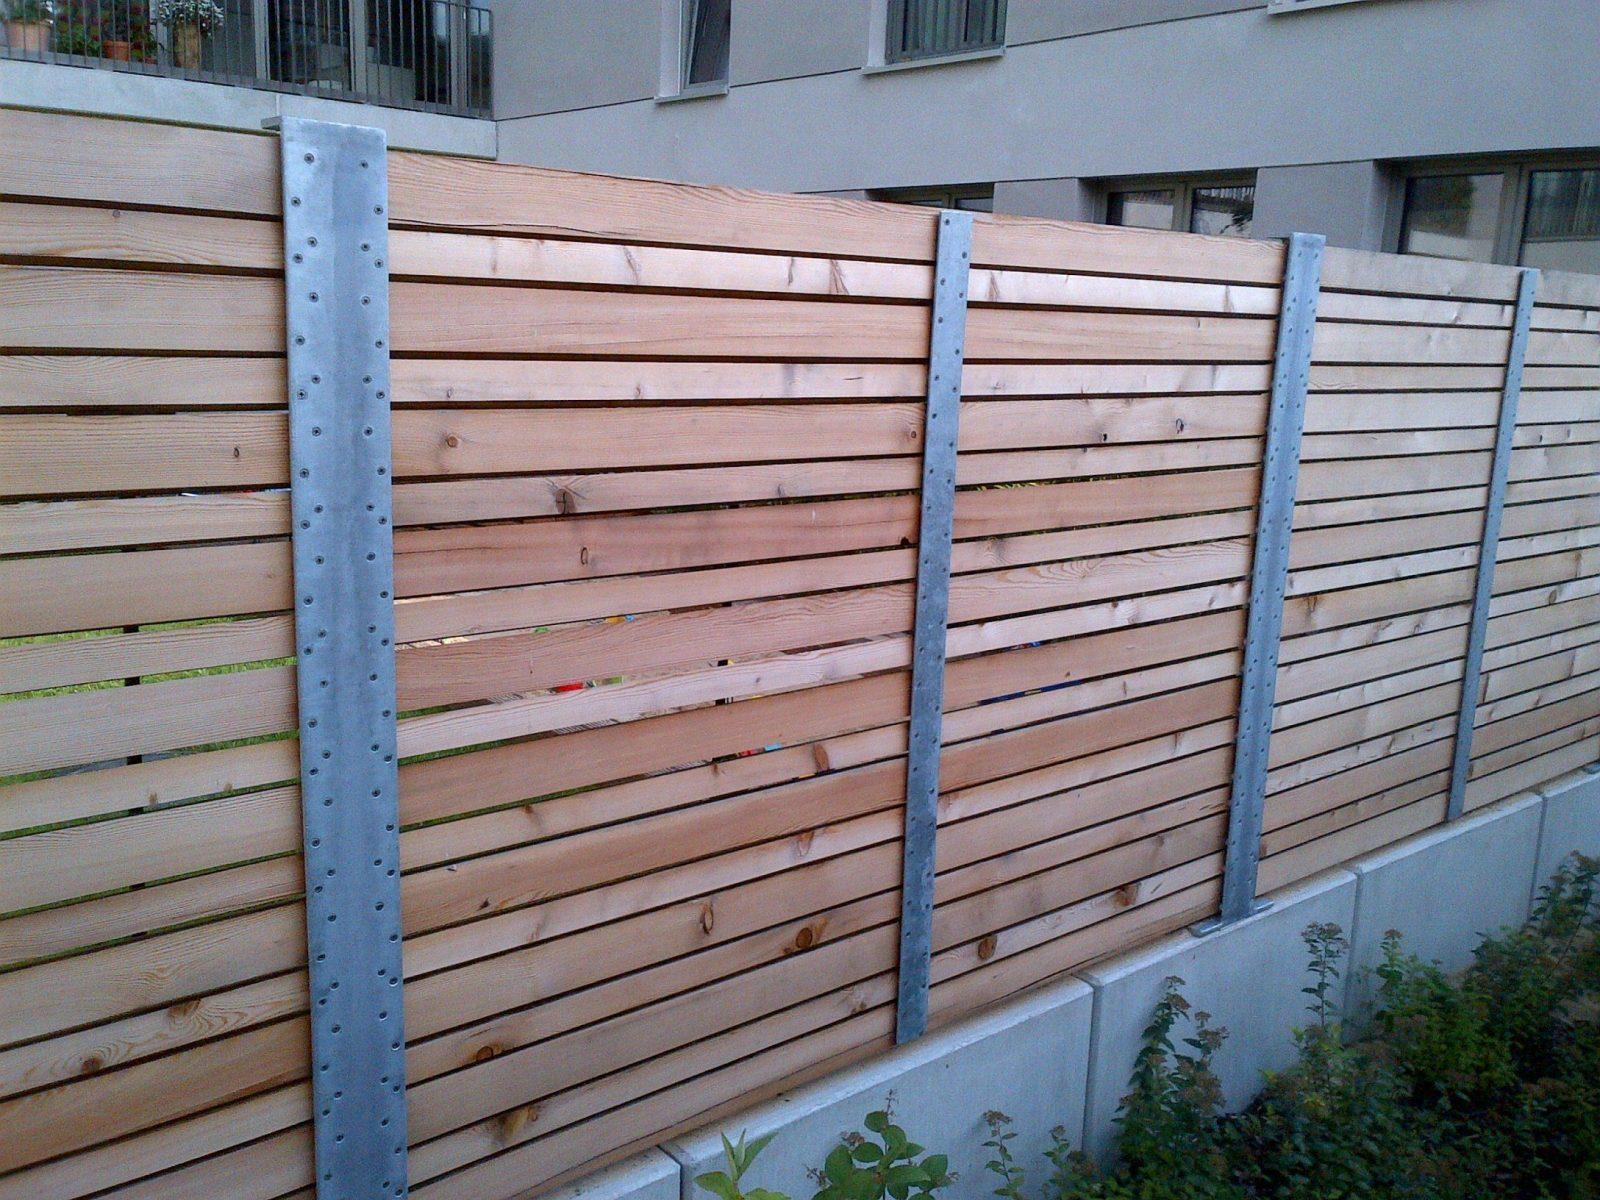 Gartenzaun Holz Selber Bauen Sichtschutz Aus Holz Selber Bauen Schön von Sichtschutzzaun Holz Selber Bauen Bild